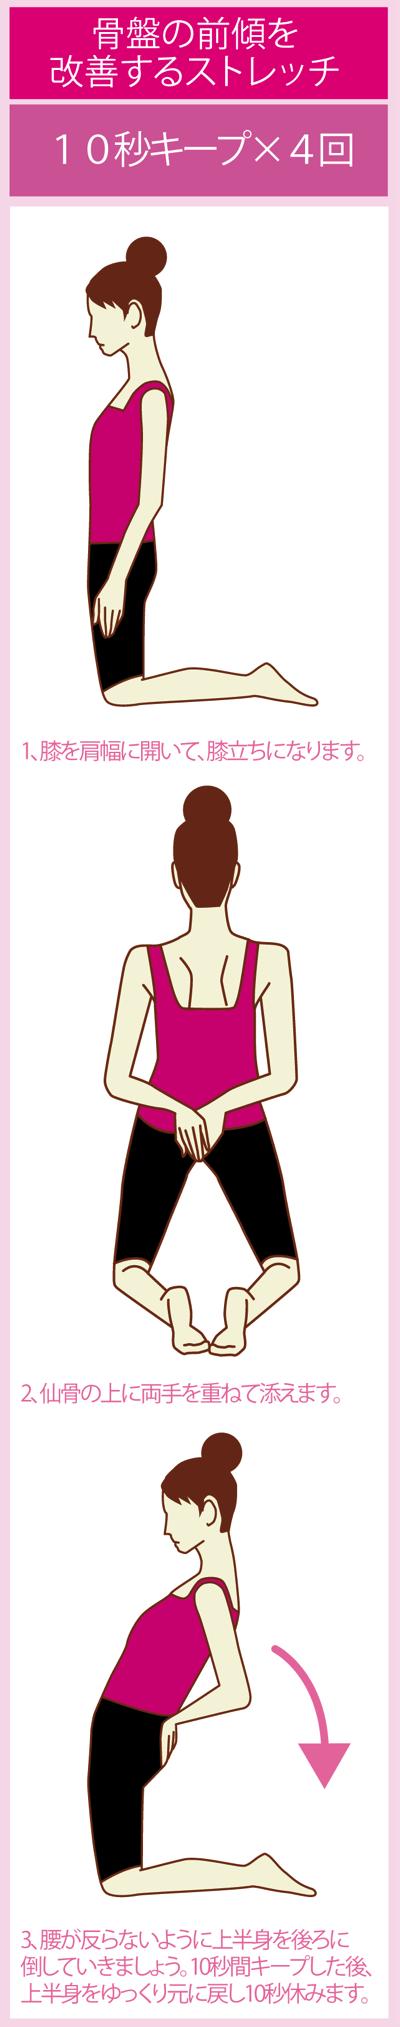 骨盤の前傾を矯正するストレッチ